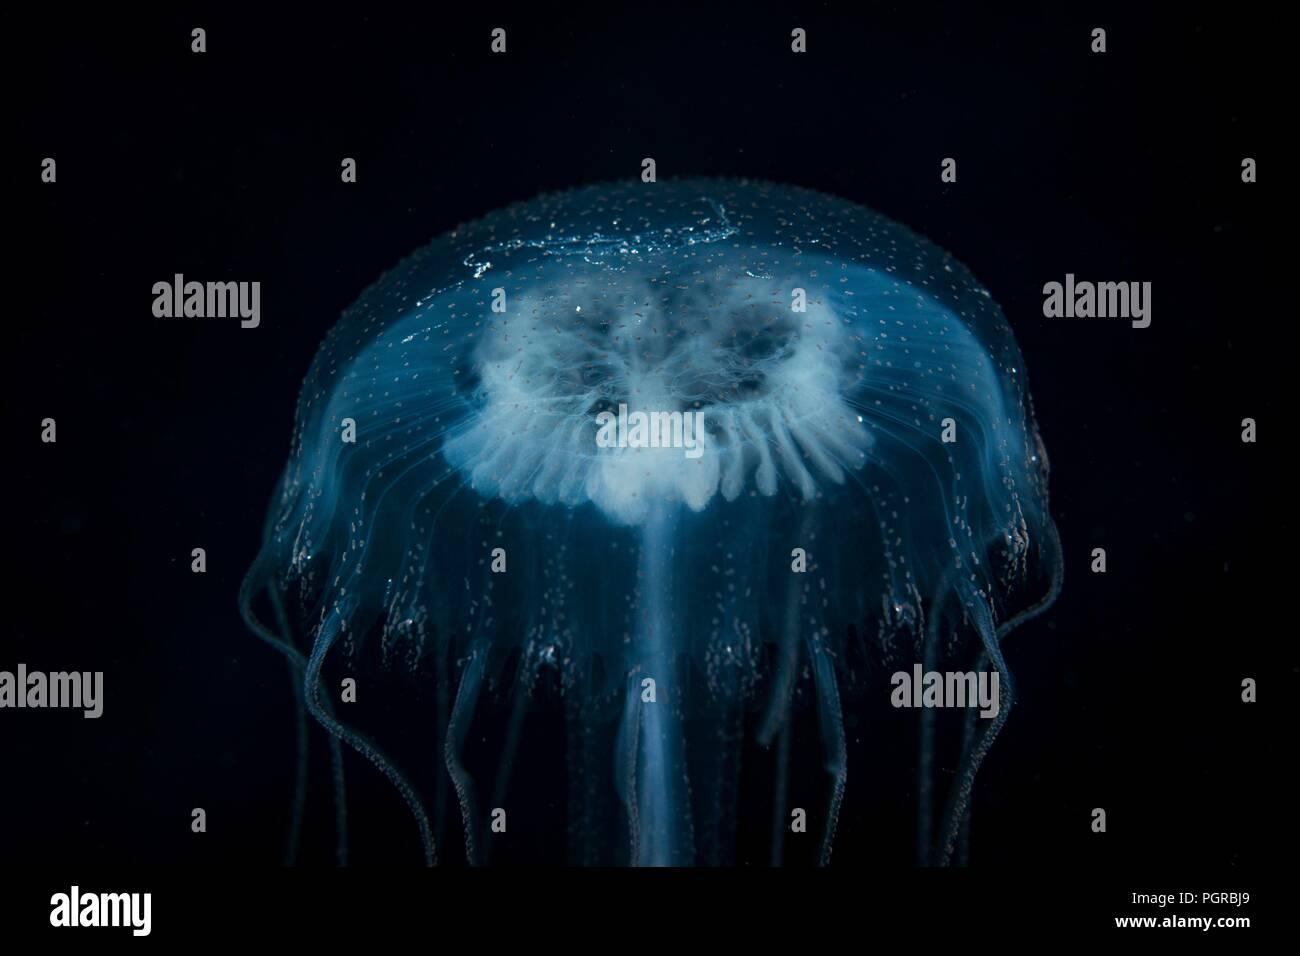 Las medusas comunes, Aurelia, retrato sobre fondo negro, tomado el mar profundo en Egipto Imagen De Stock